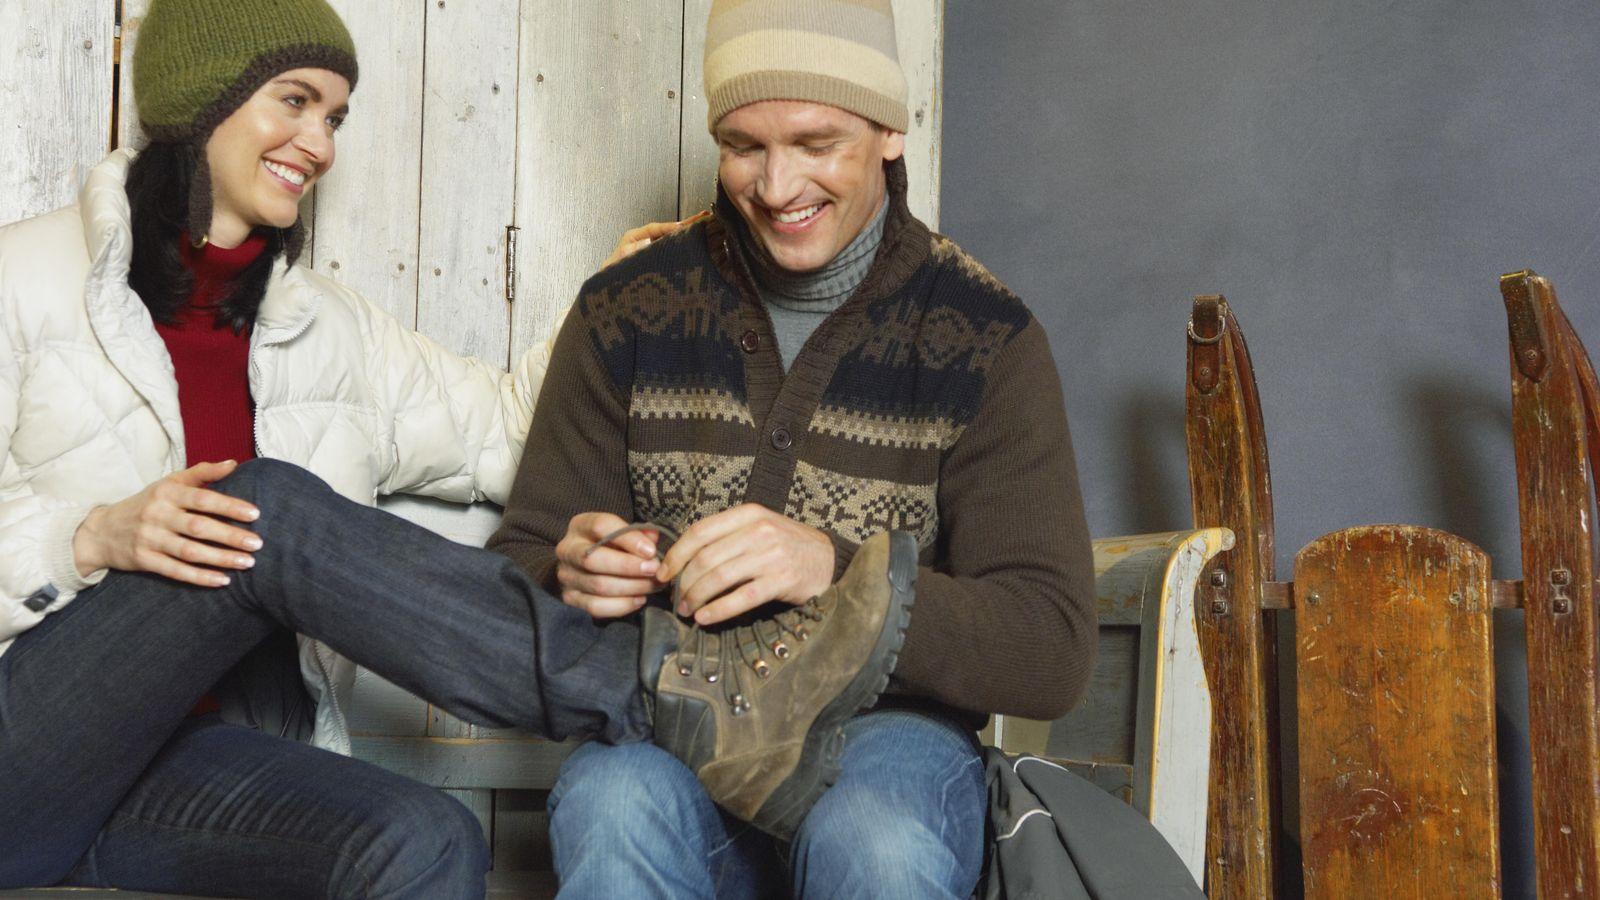 Foto: Claro que se sabe atar las botas. Por suerte, hacerse la boba en exceso como truco para ligar se está superando. (Corbis)